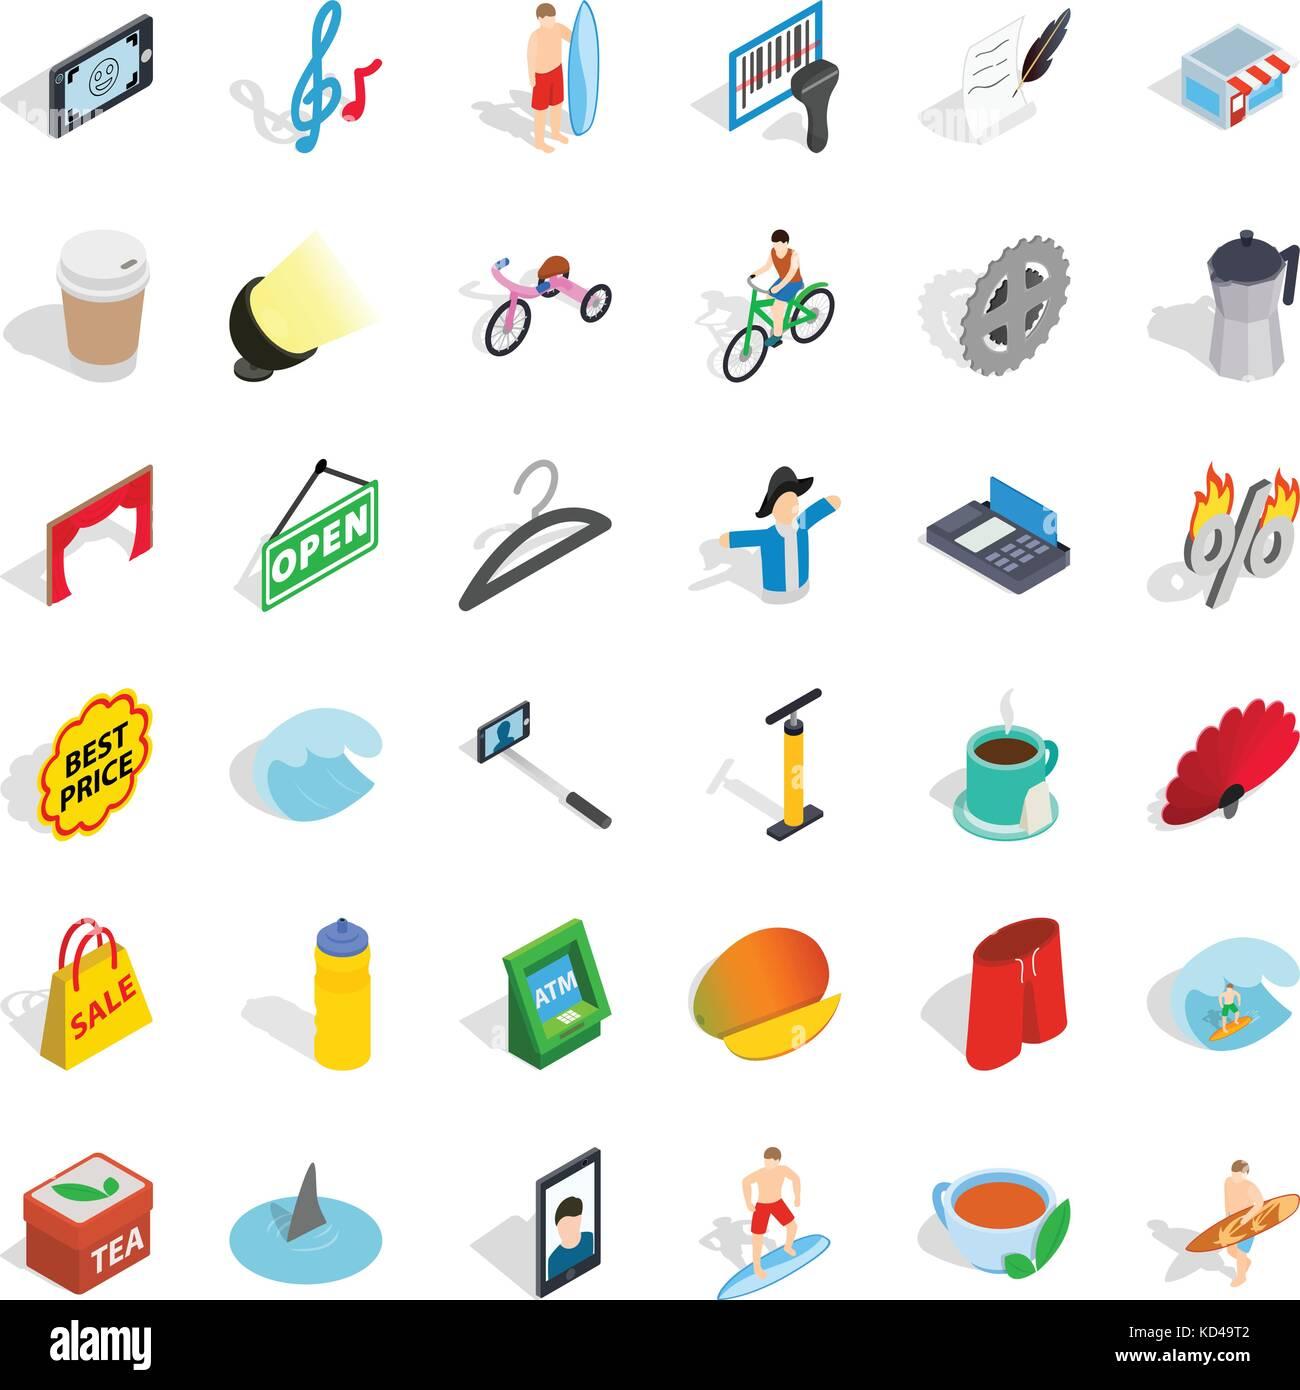 Percent icons set, isometric style - Stock Image